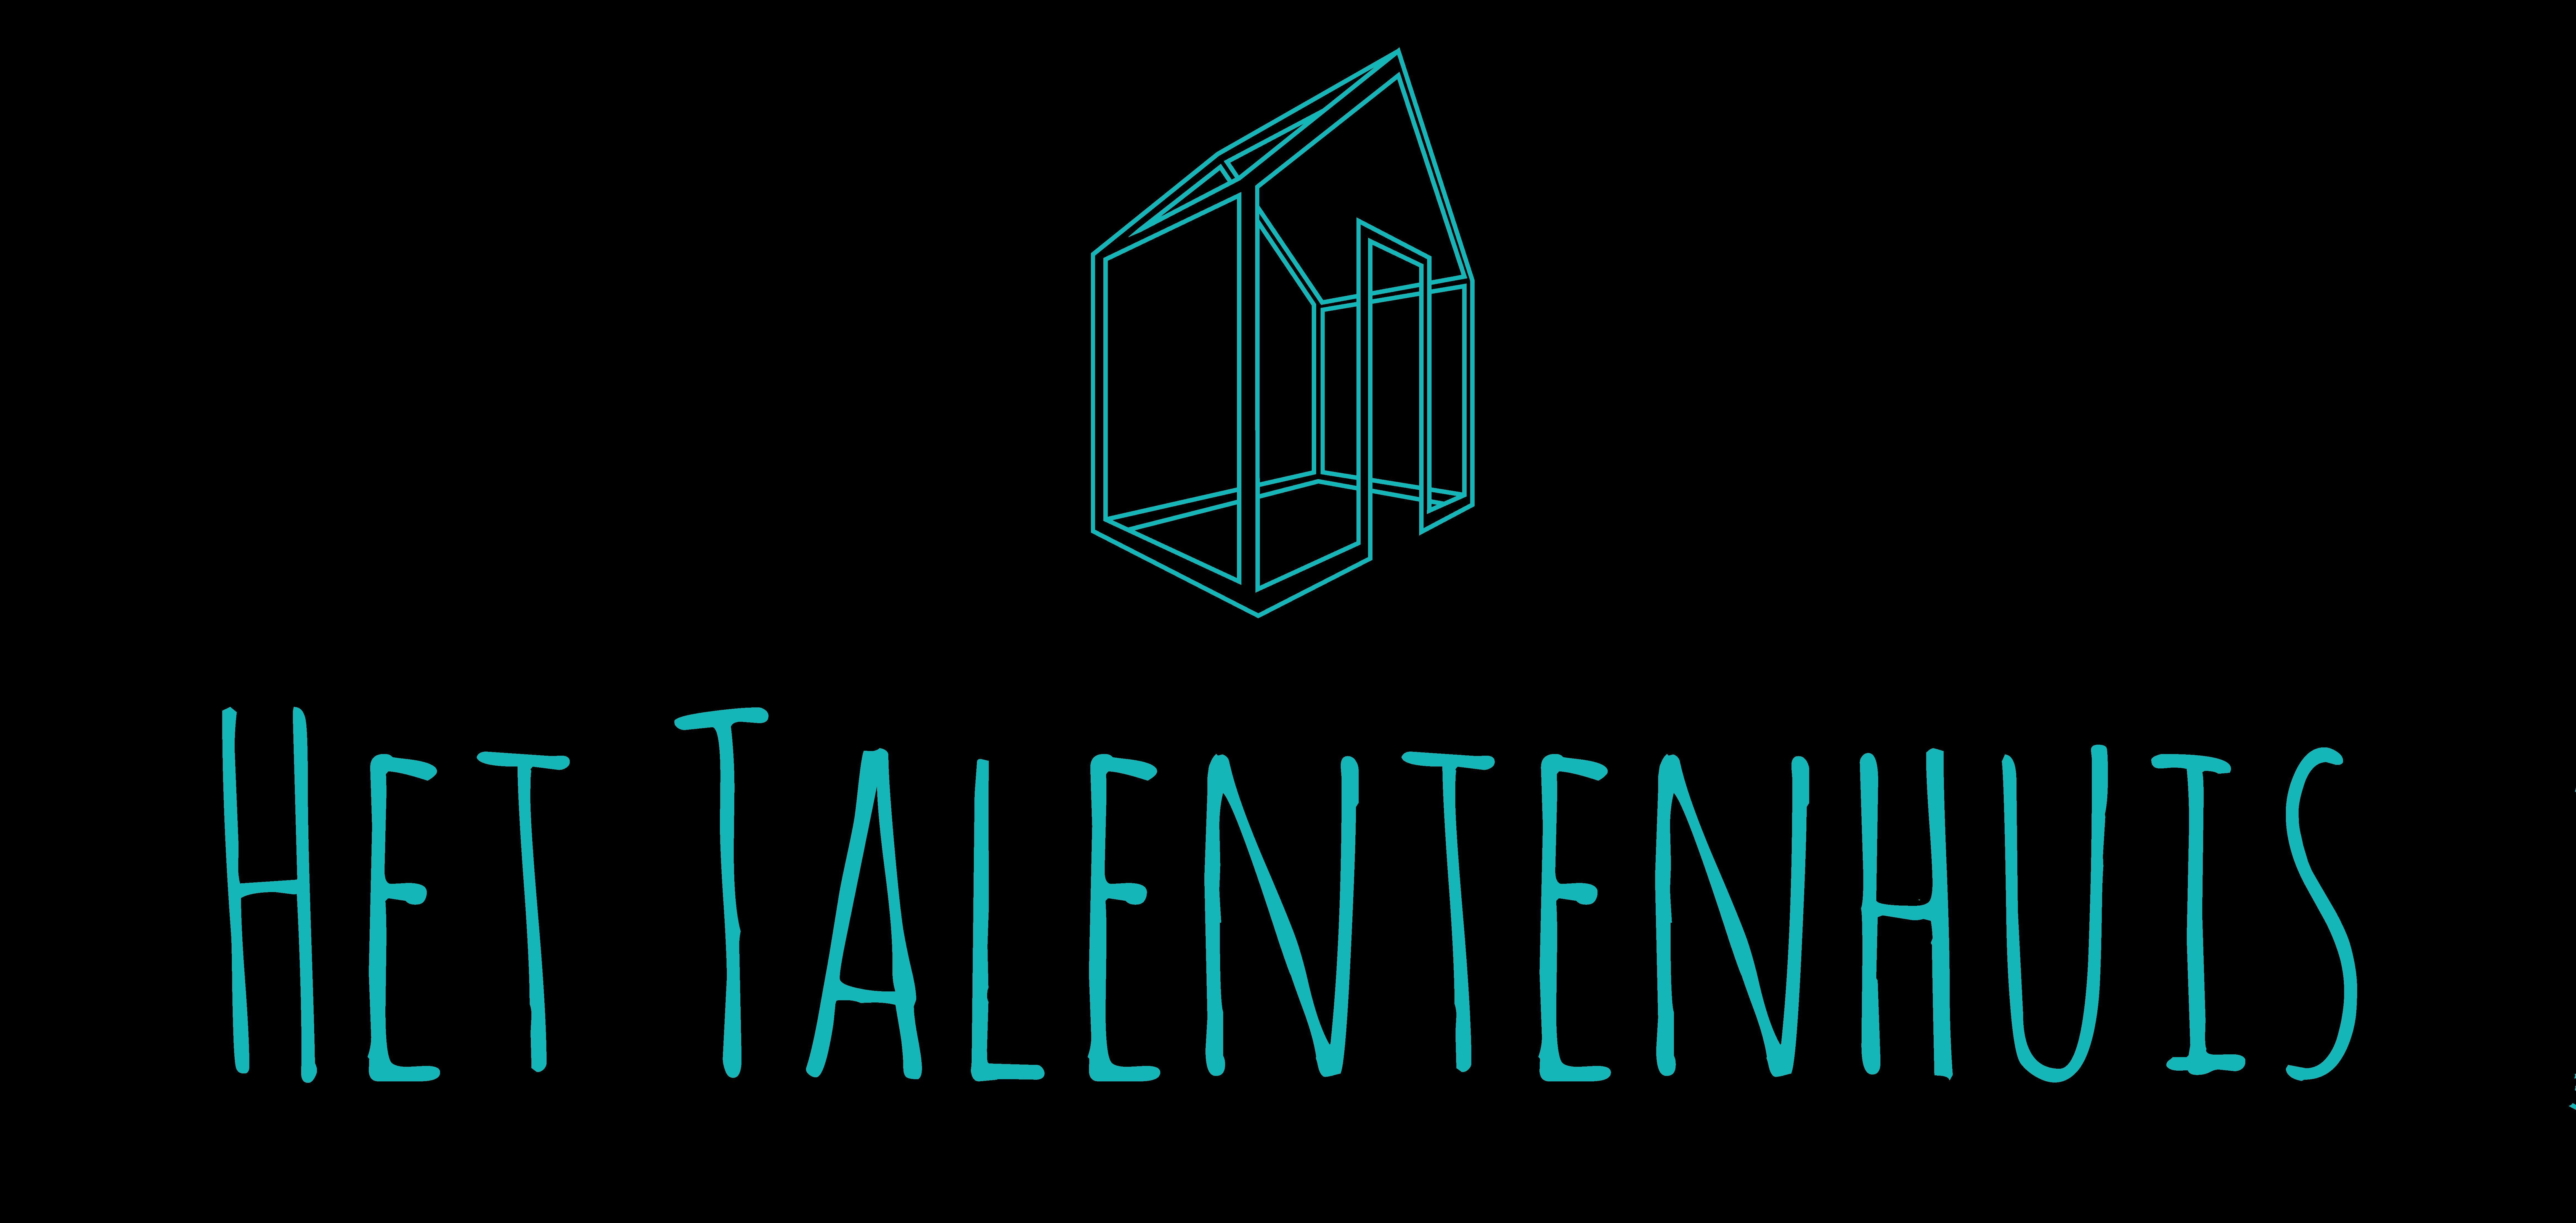 https://hettalentenhuis.be/wp-content/uploads/2019/03/talentenhuis-logo-huis-boven.png